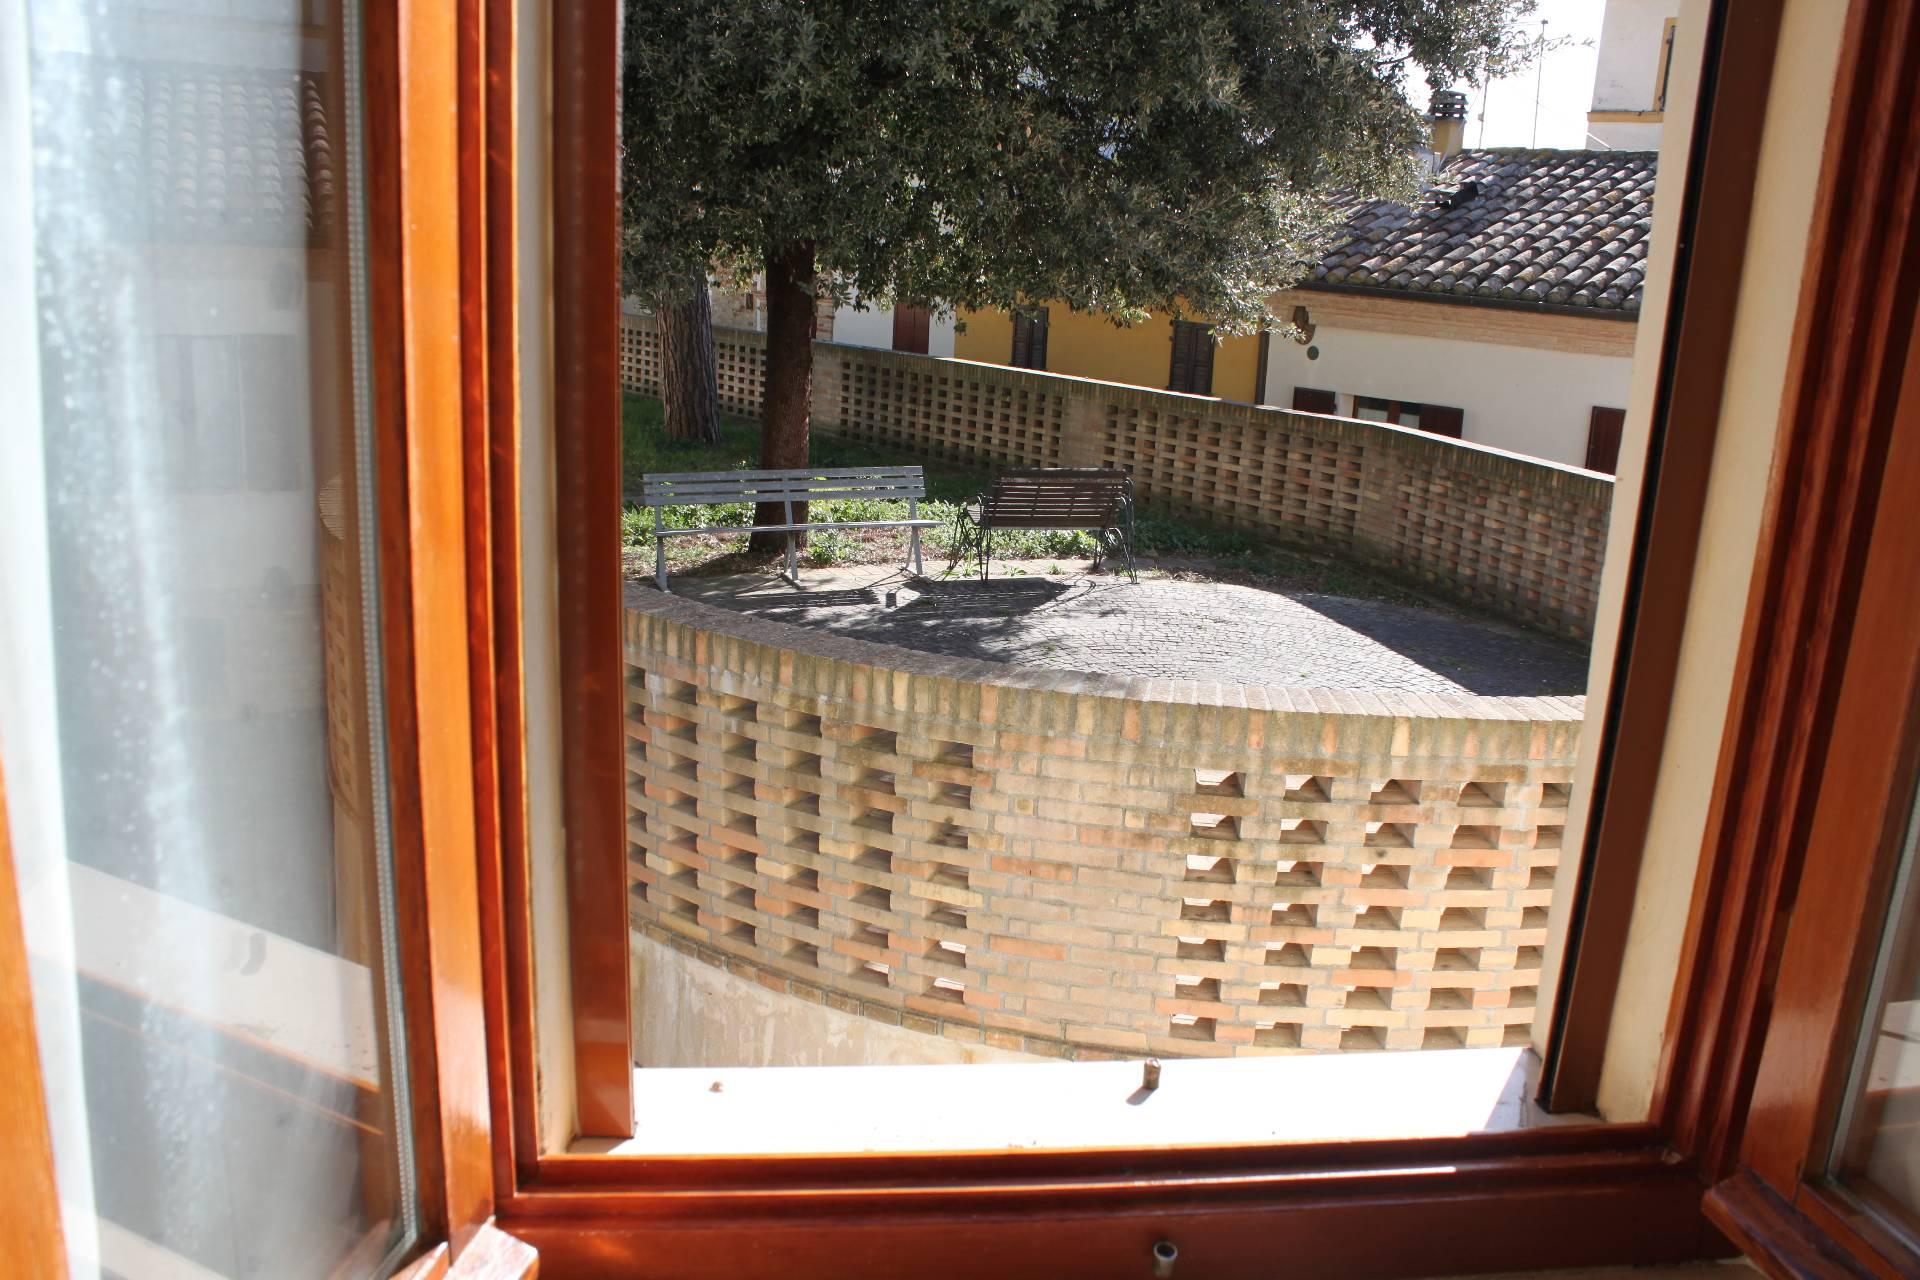 Appartamento in vendita a Agugliano, 3 locali, zona Località: CasteldEmilio, prezzo € 45.000   CambioCasa.it